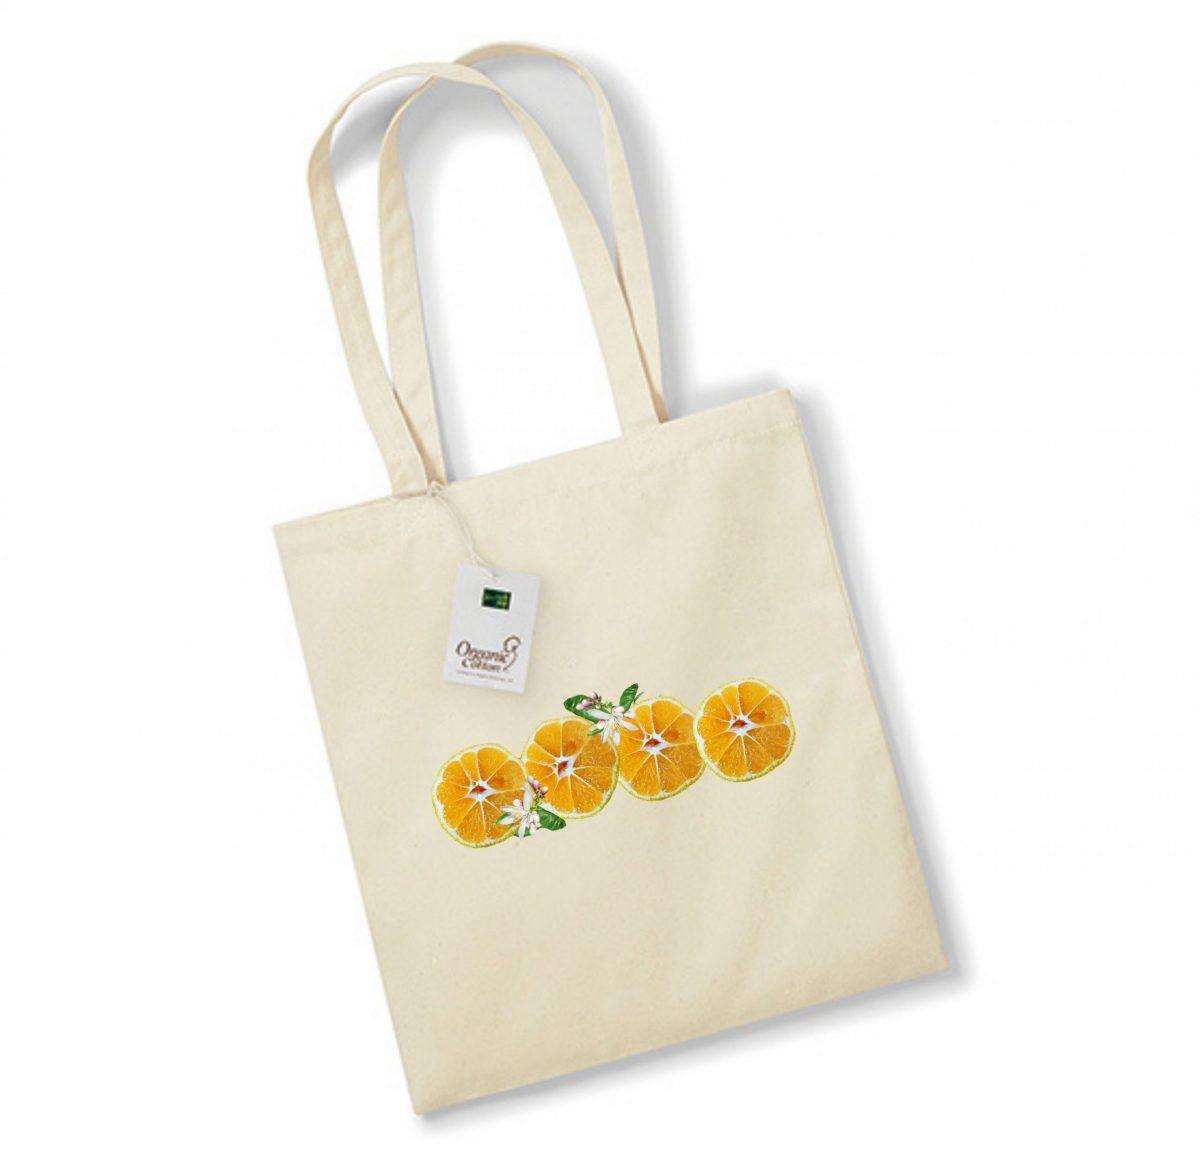 Sac de courses – Rondelles d'Orange